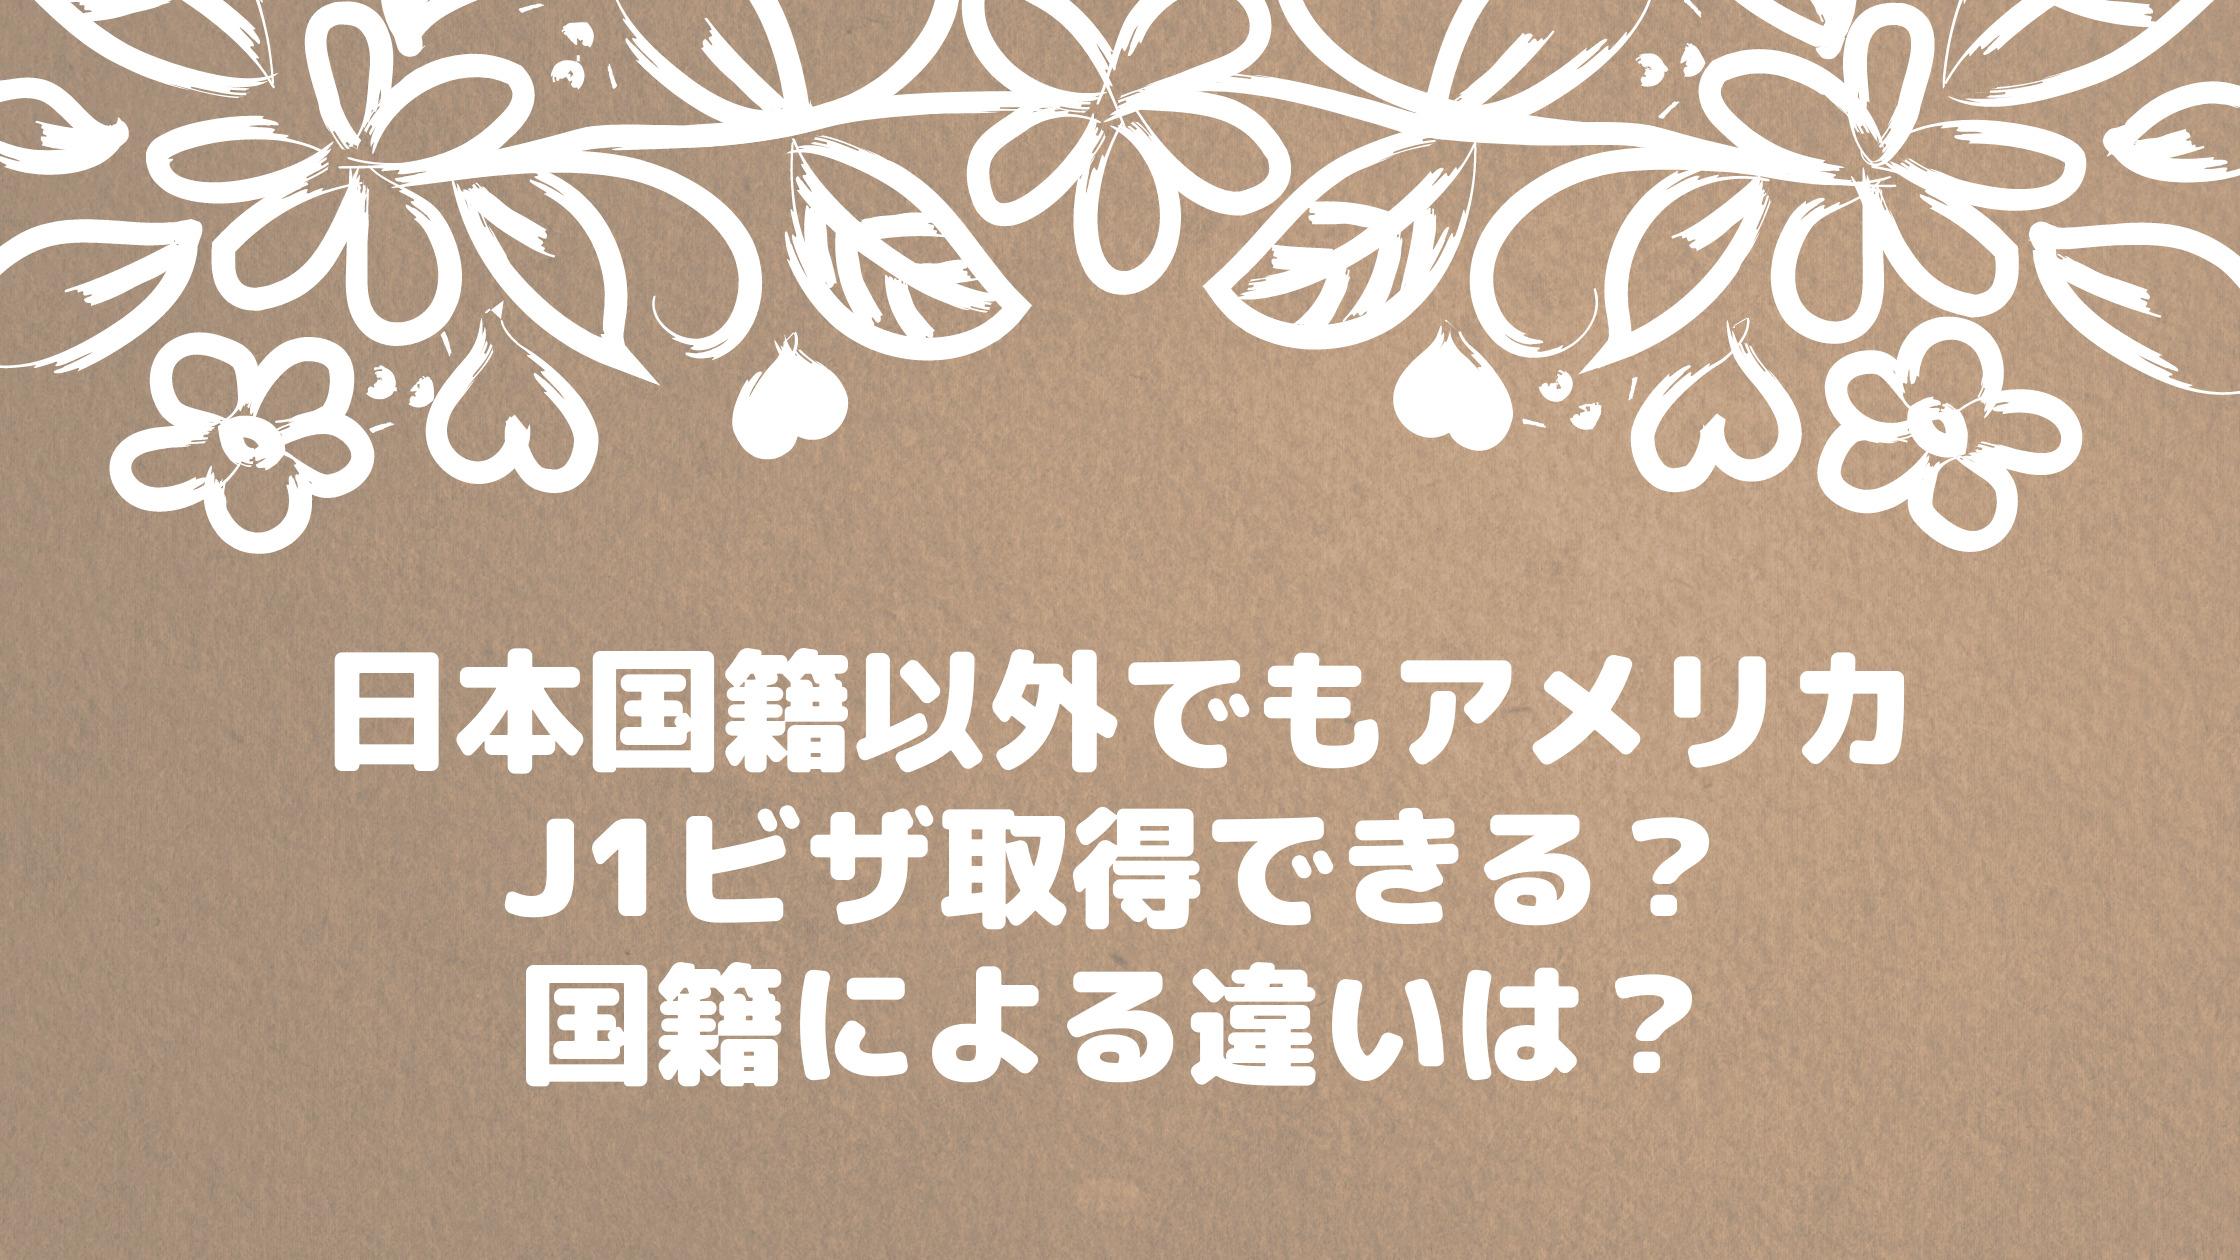 日本国籍以外でもアメリカJ1ビザ取得できる? 国籍による違いは?